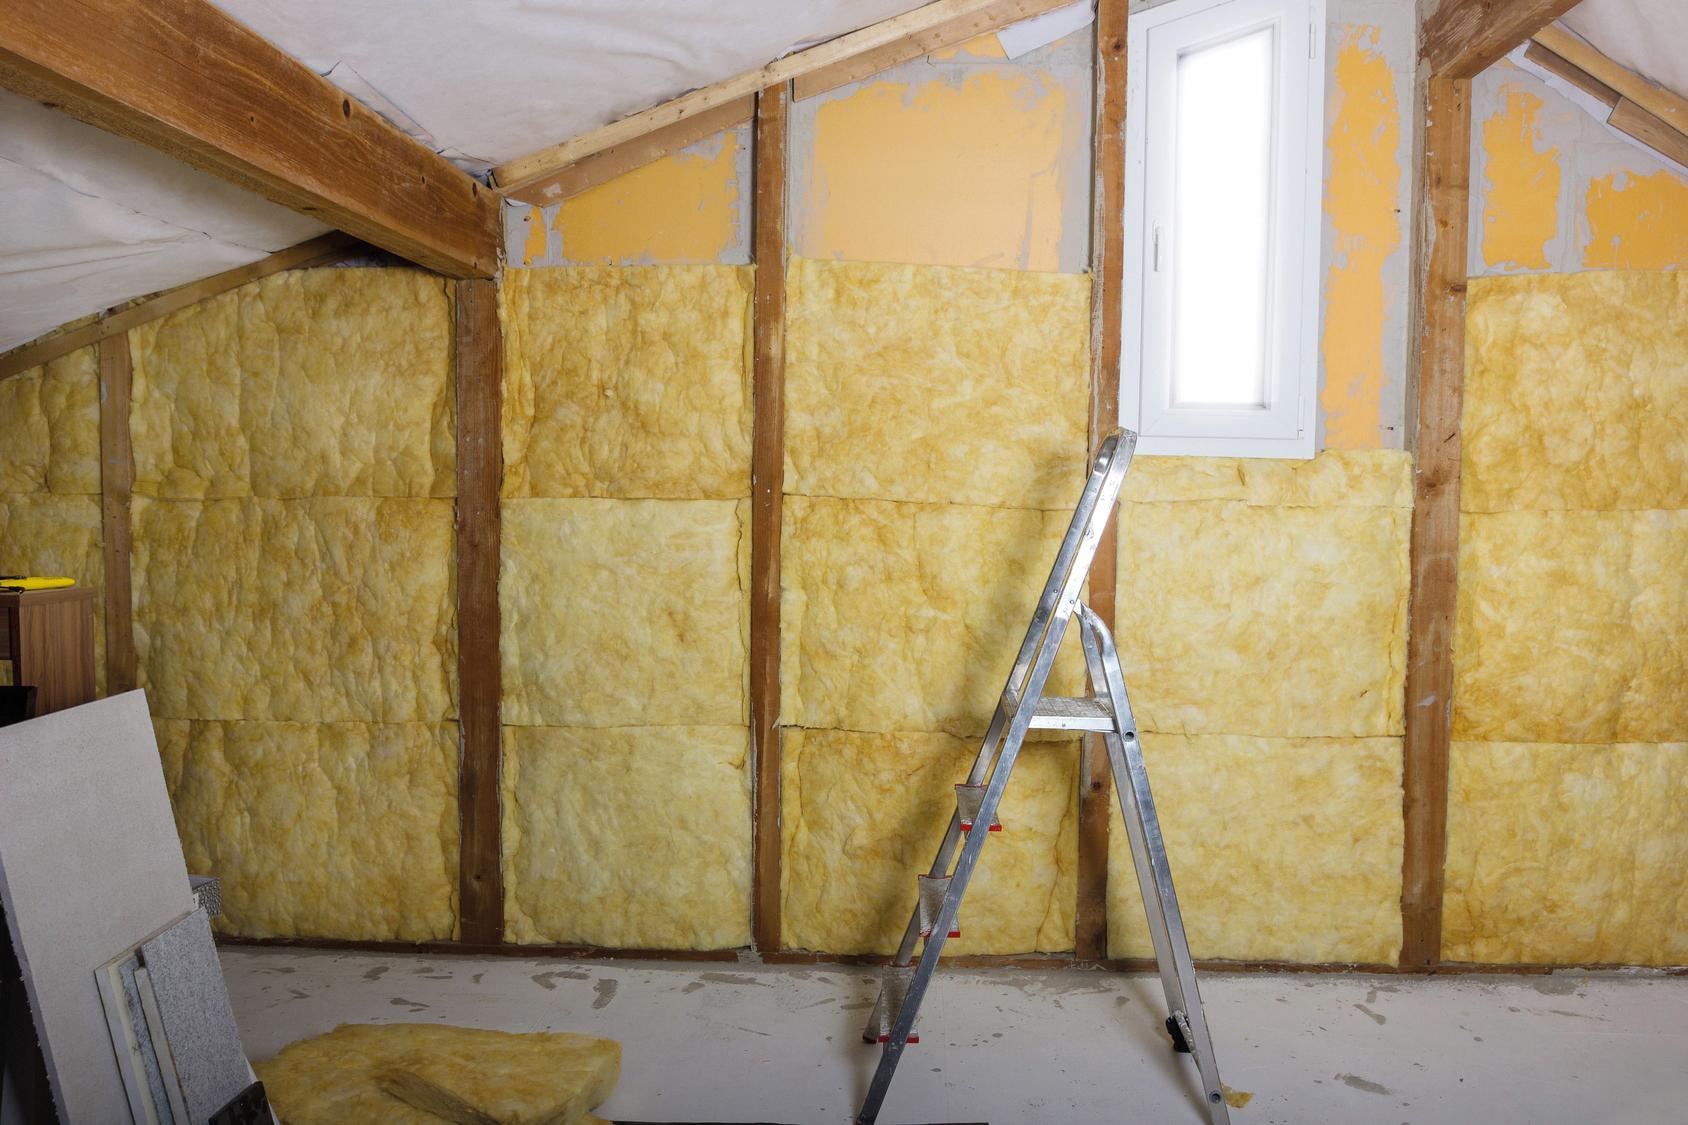 Traitement de bois – Traitement de charpente – Rénovation charpente 91